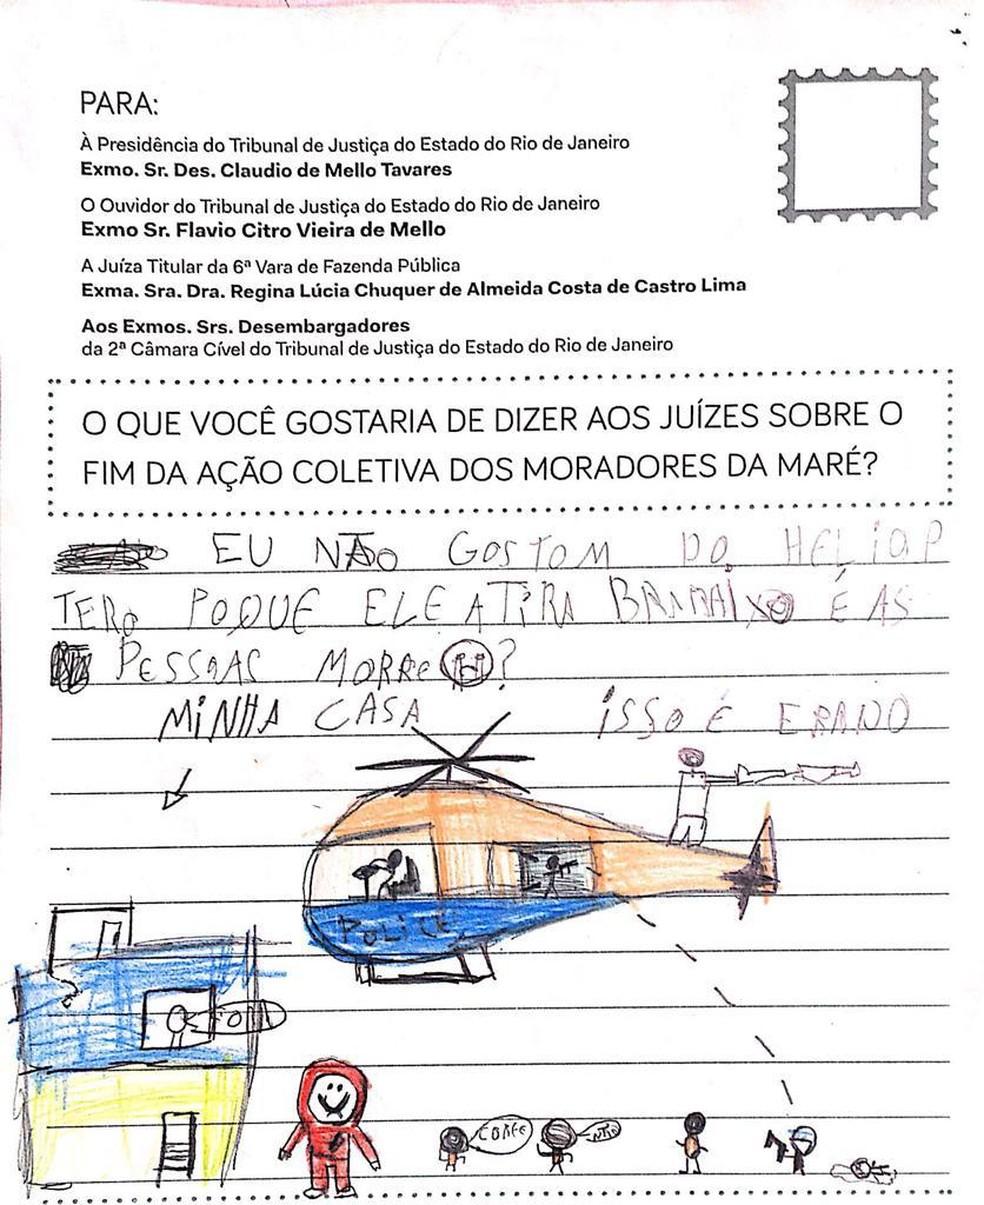 Em cartas, moradores cobram que Justiça reavalie decisão de arquivar ação coletiva — Foto: Reprodução/Redes da Maré